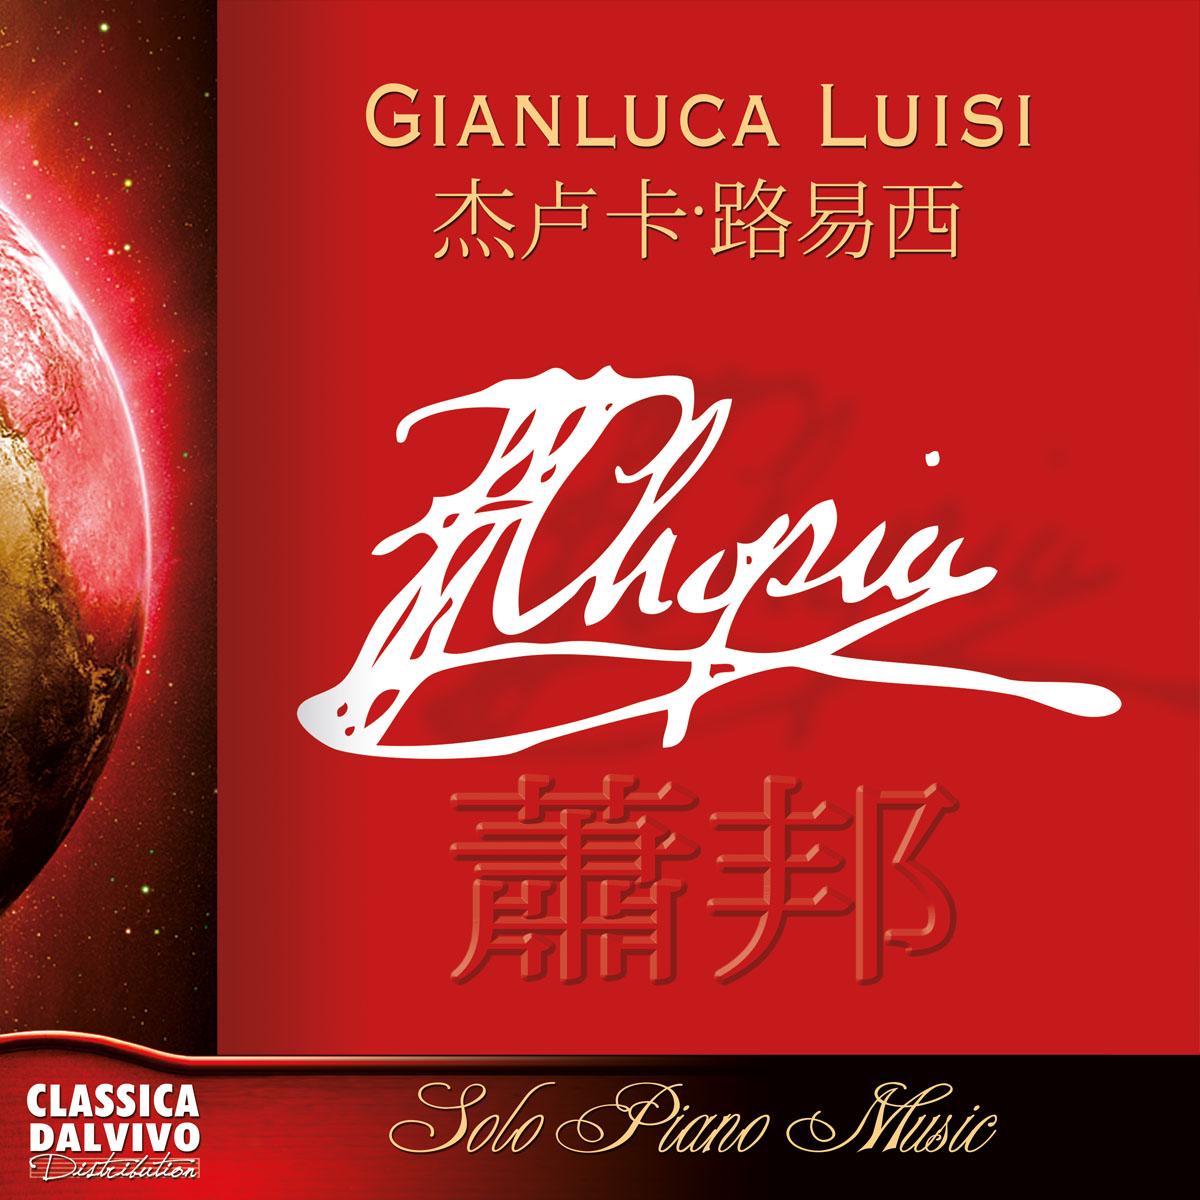 Copertina Gianluca Luisi Fryderyk Chopin